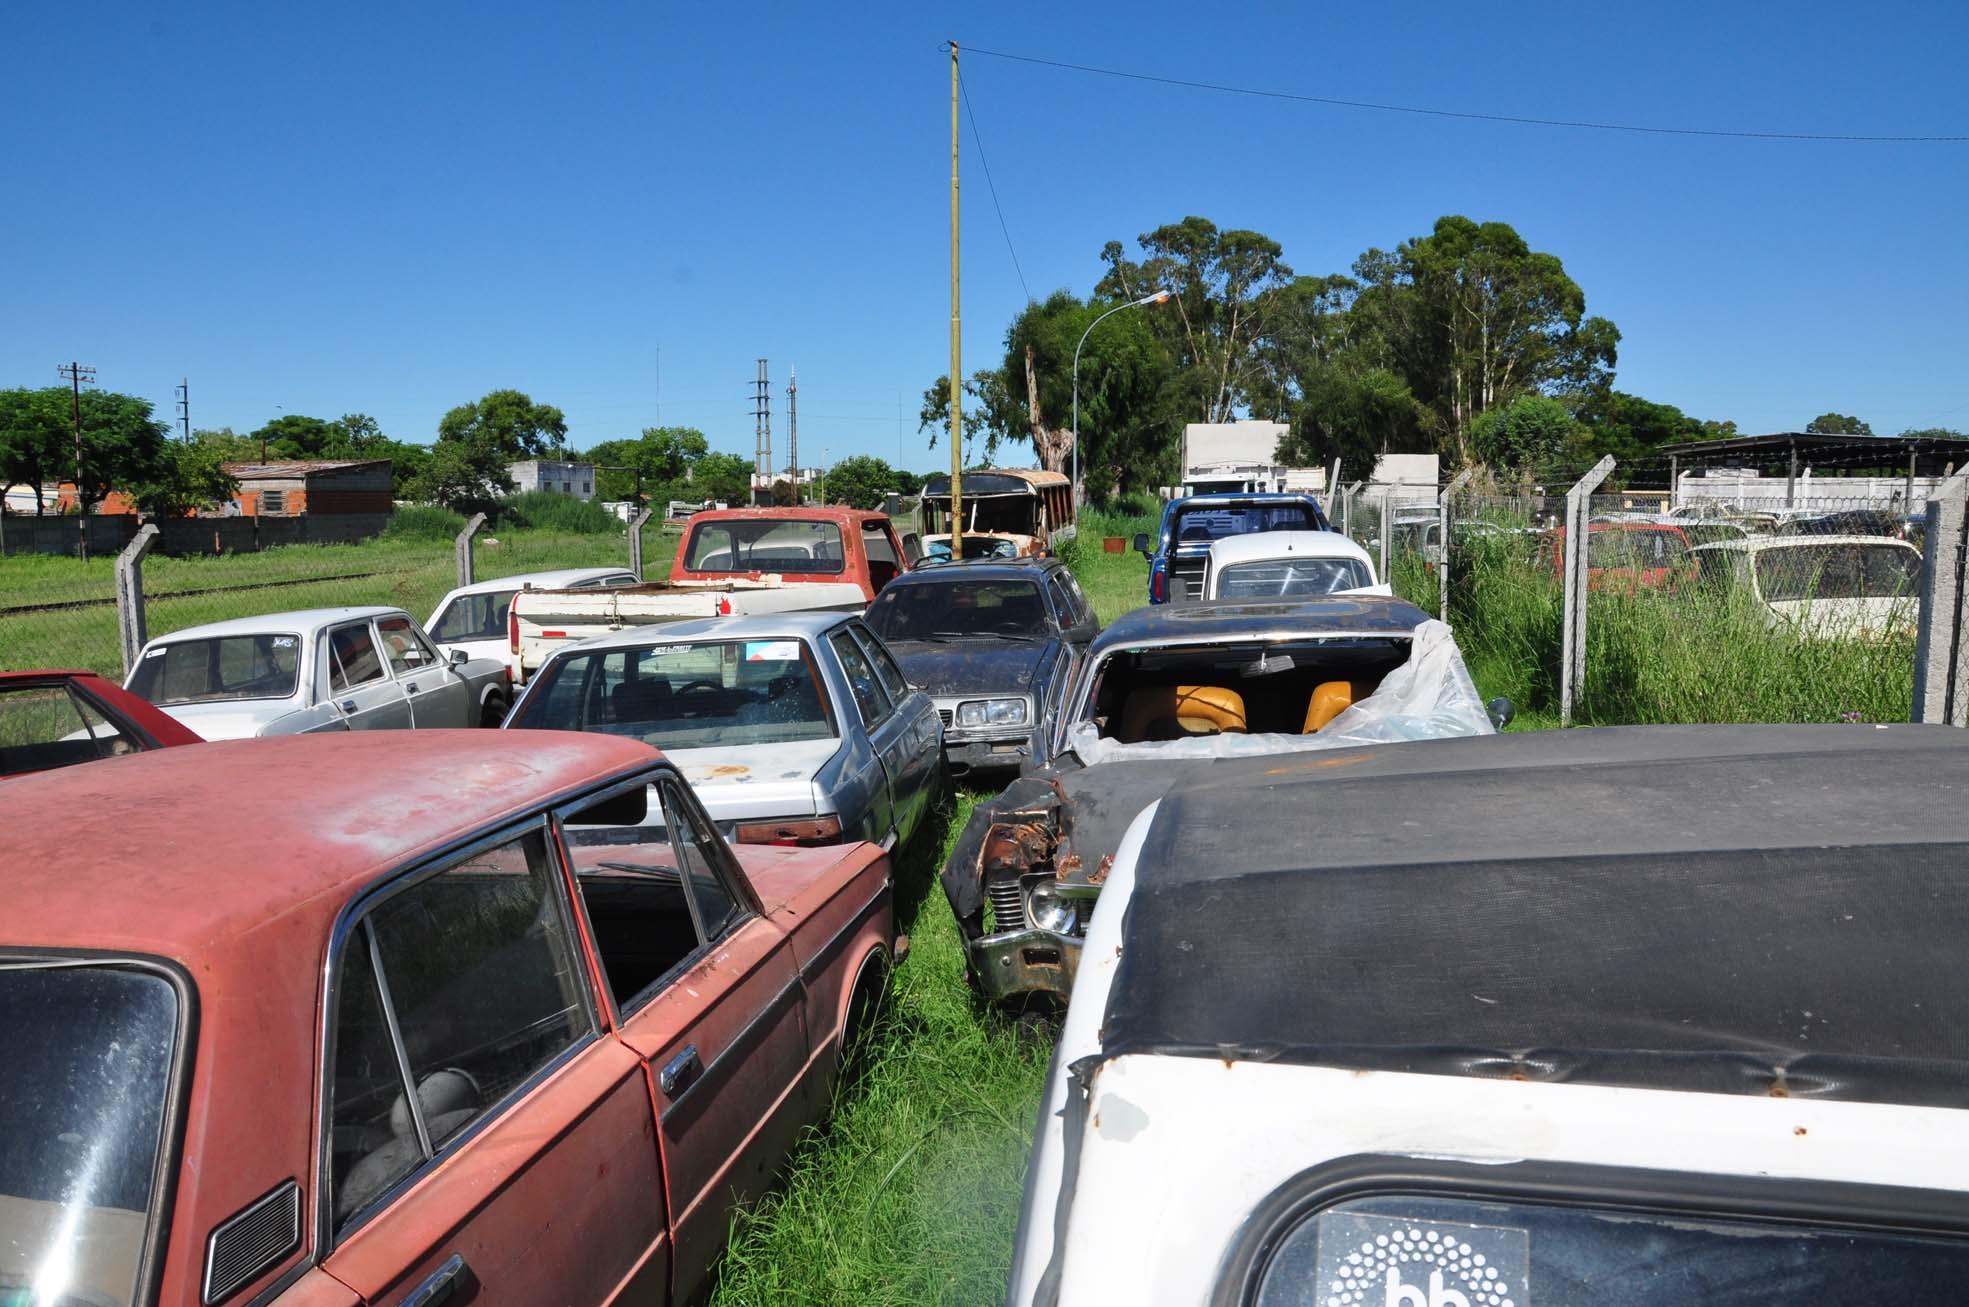 Vehículos abandonados en la vía pública